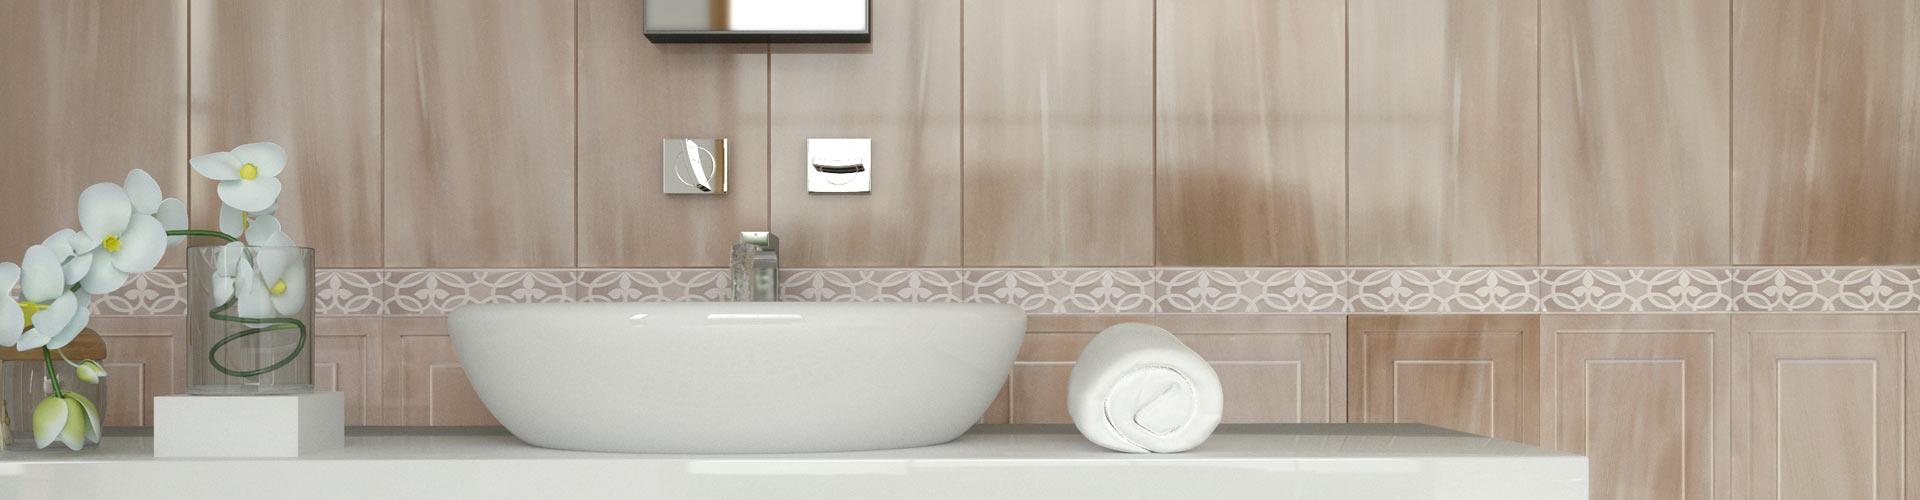 Настенная плитка с декором в ванной комнате